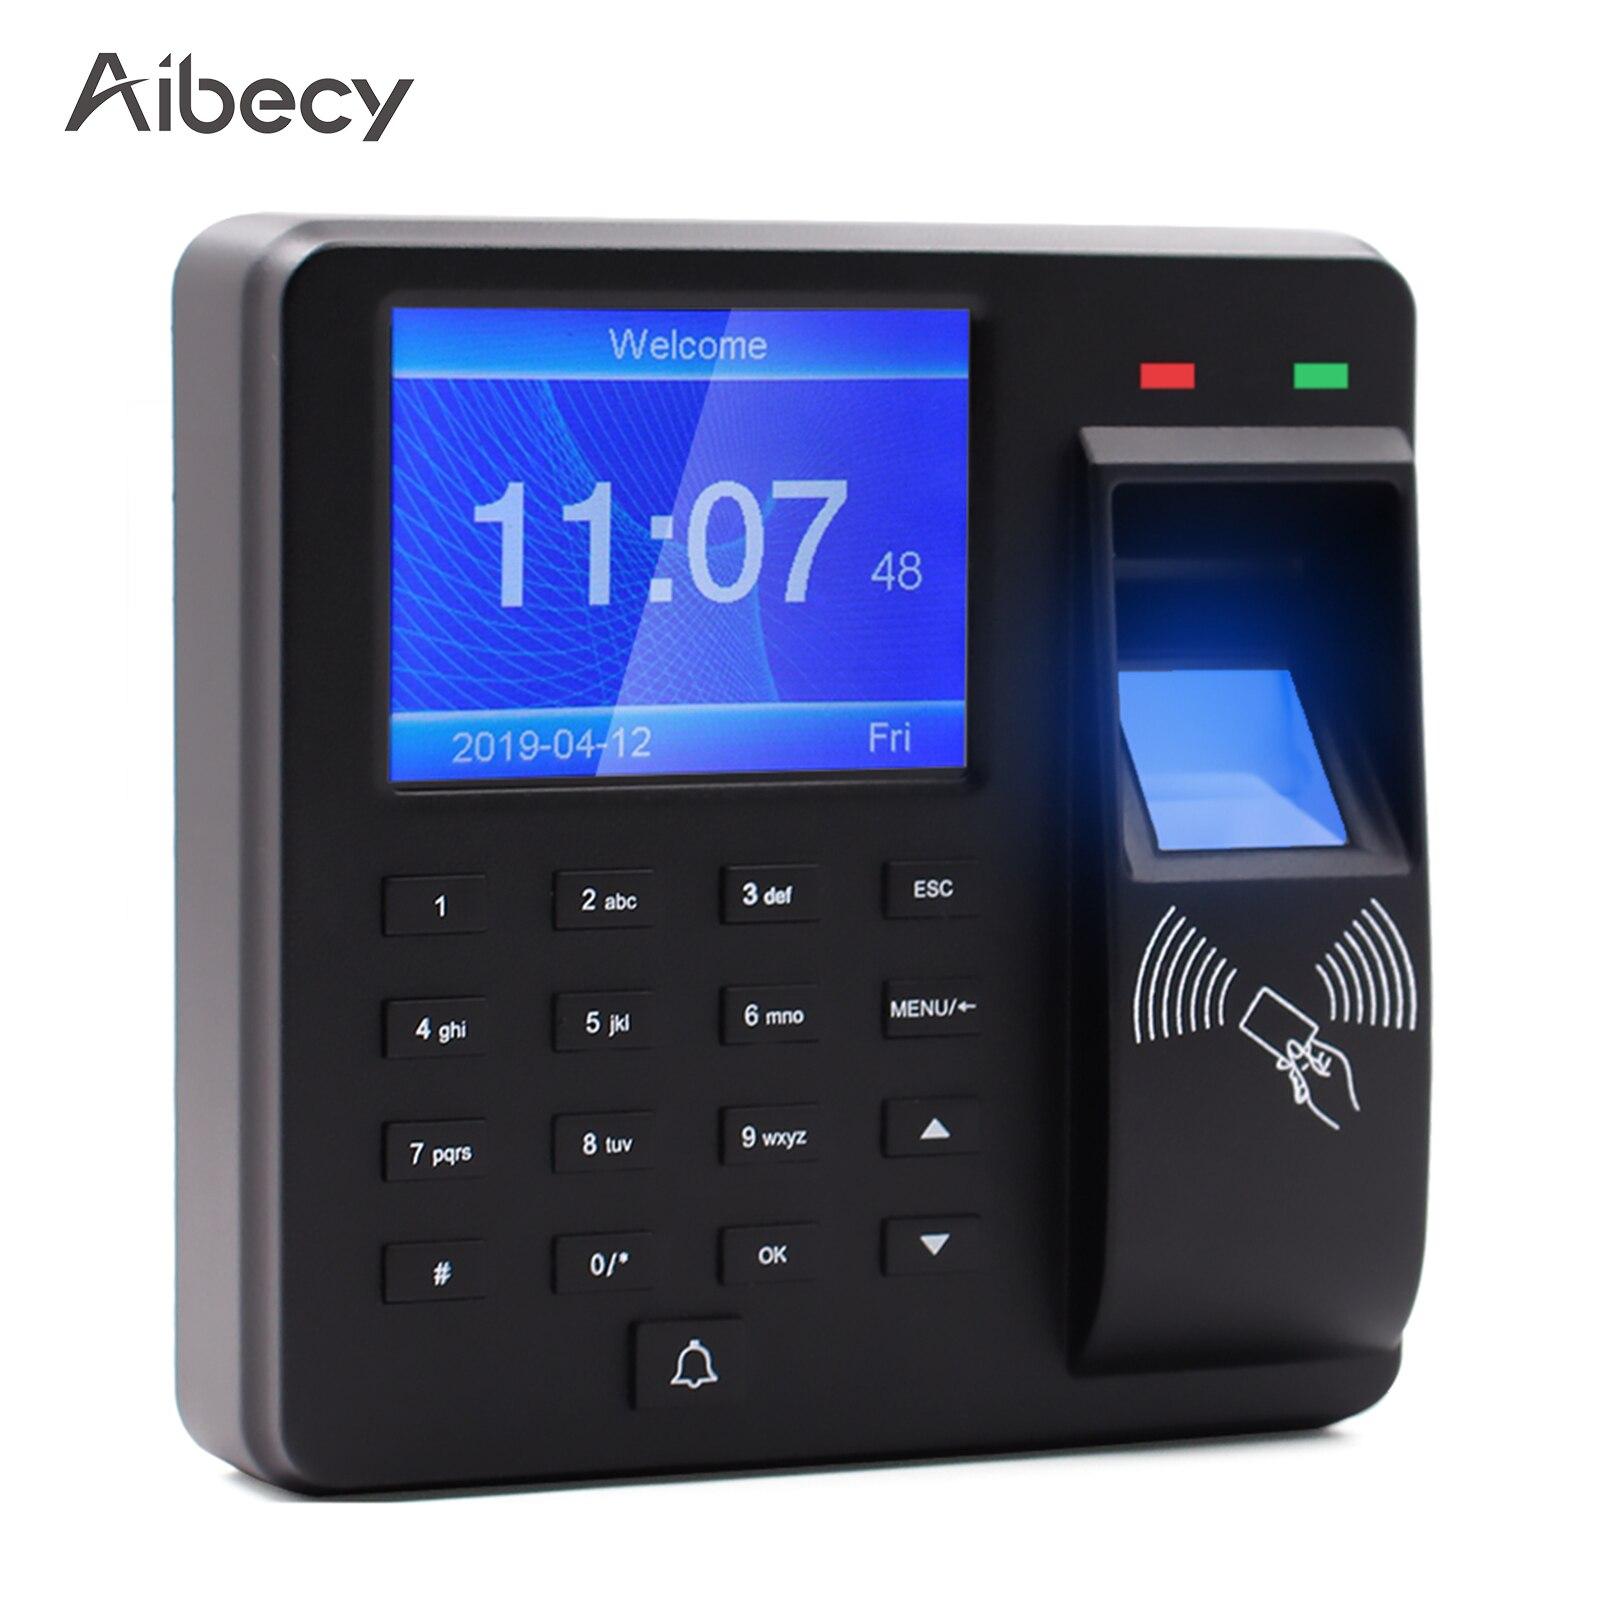 التحكم في الوصول آلة الحضور الوقت بصمة/كلمة المرور/بطاقة الهوية الاعتراف 2.4 بوصة شاشة الموظف التحقق في مسجل